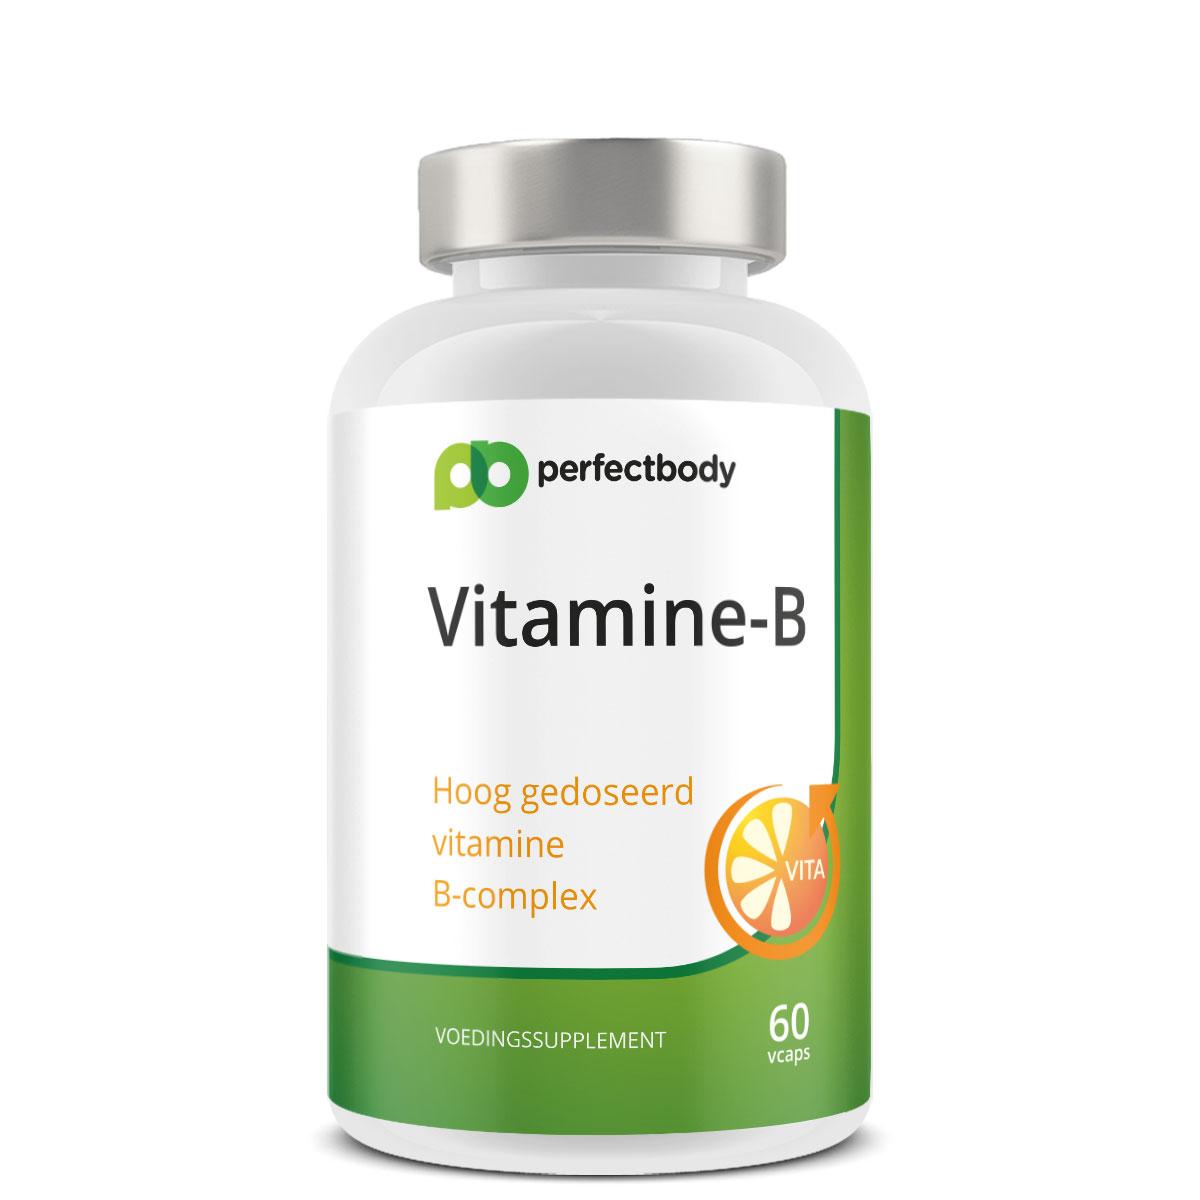 Perfectbody Vitamine B Capsules - 60 Vcaps